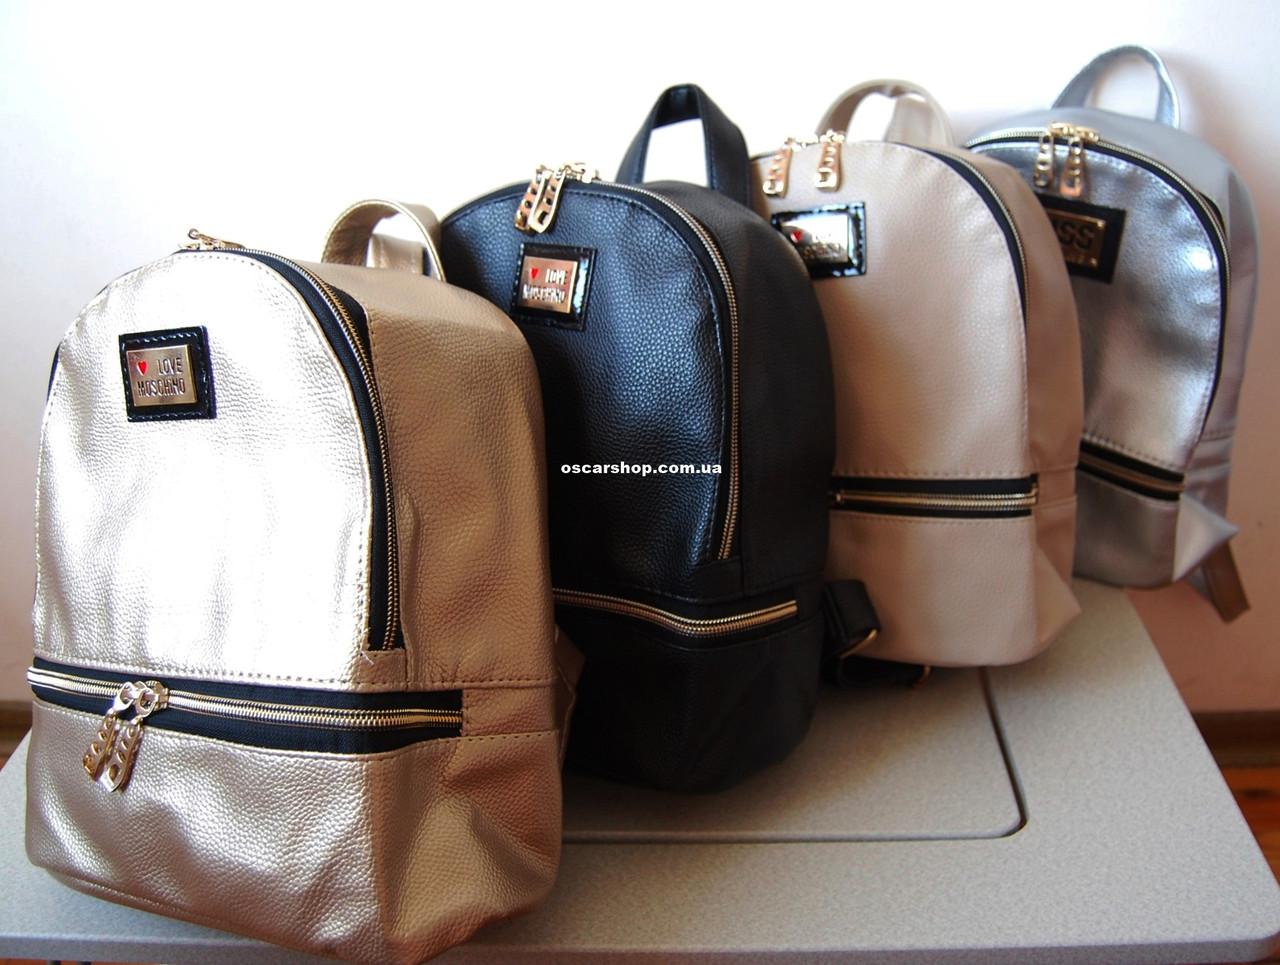 f8bddccb834d Женский кожаный рюкзак. Выбор цветов! Женский мини рюкзак Moschino! Сумка  портфель. РД202